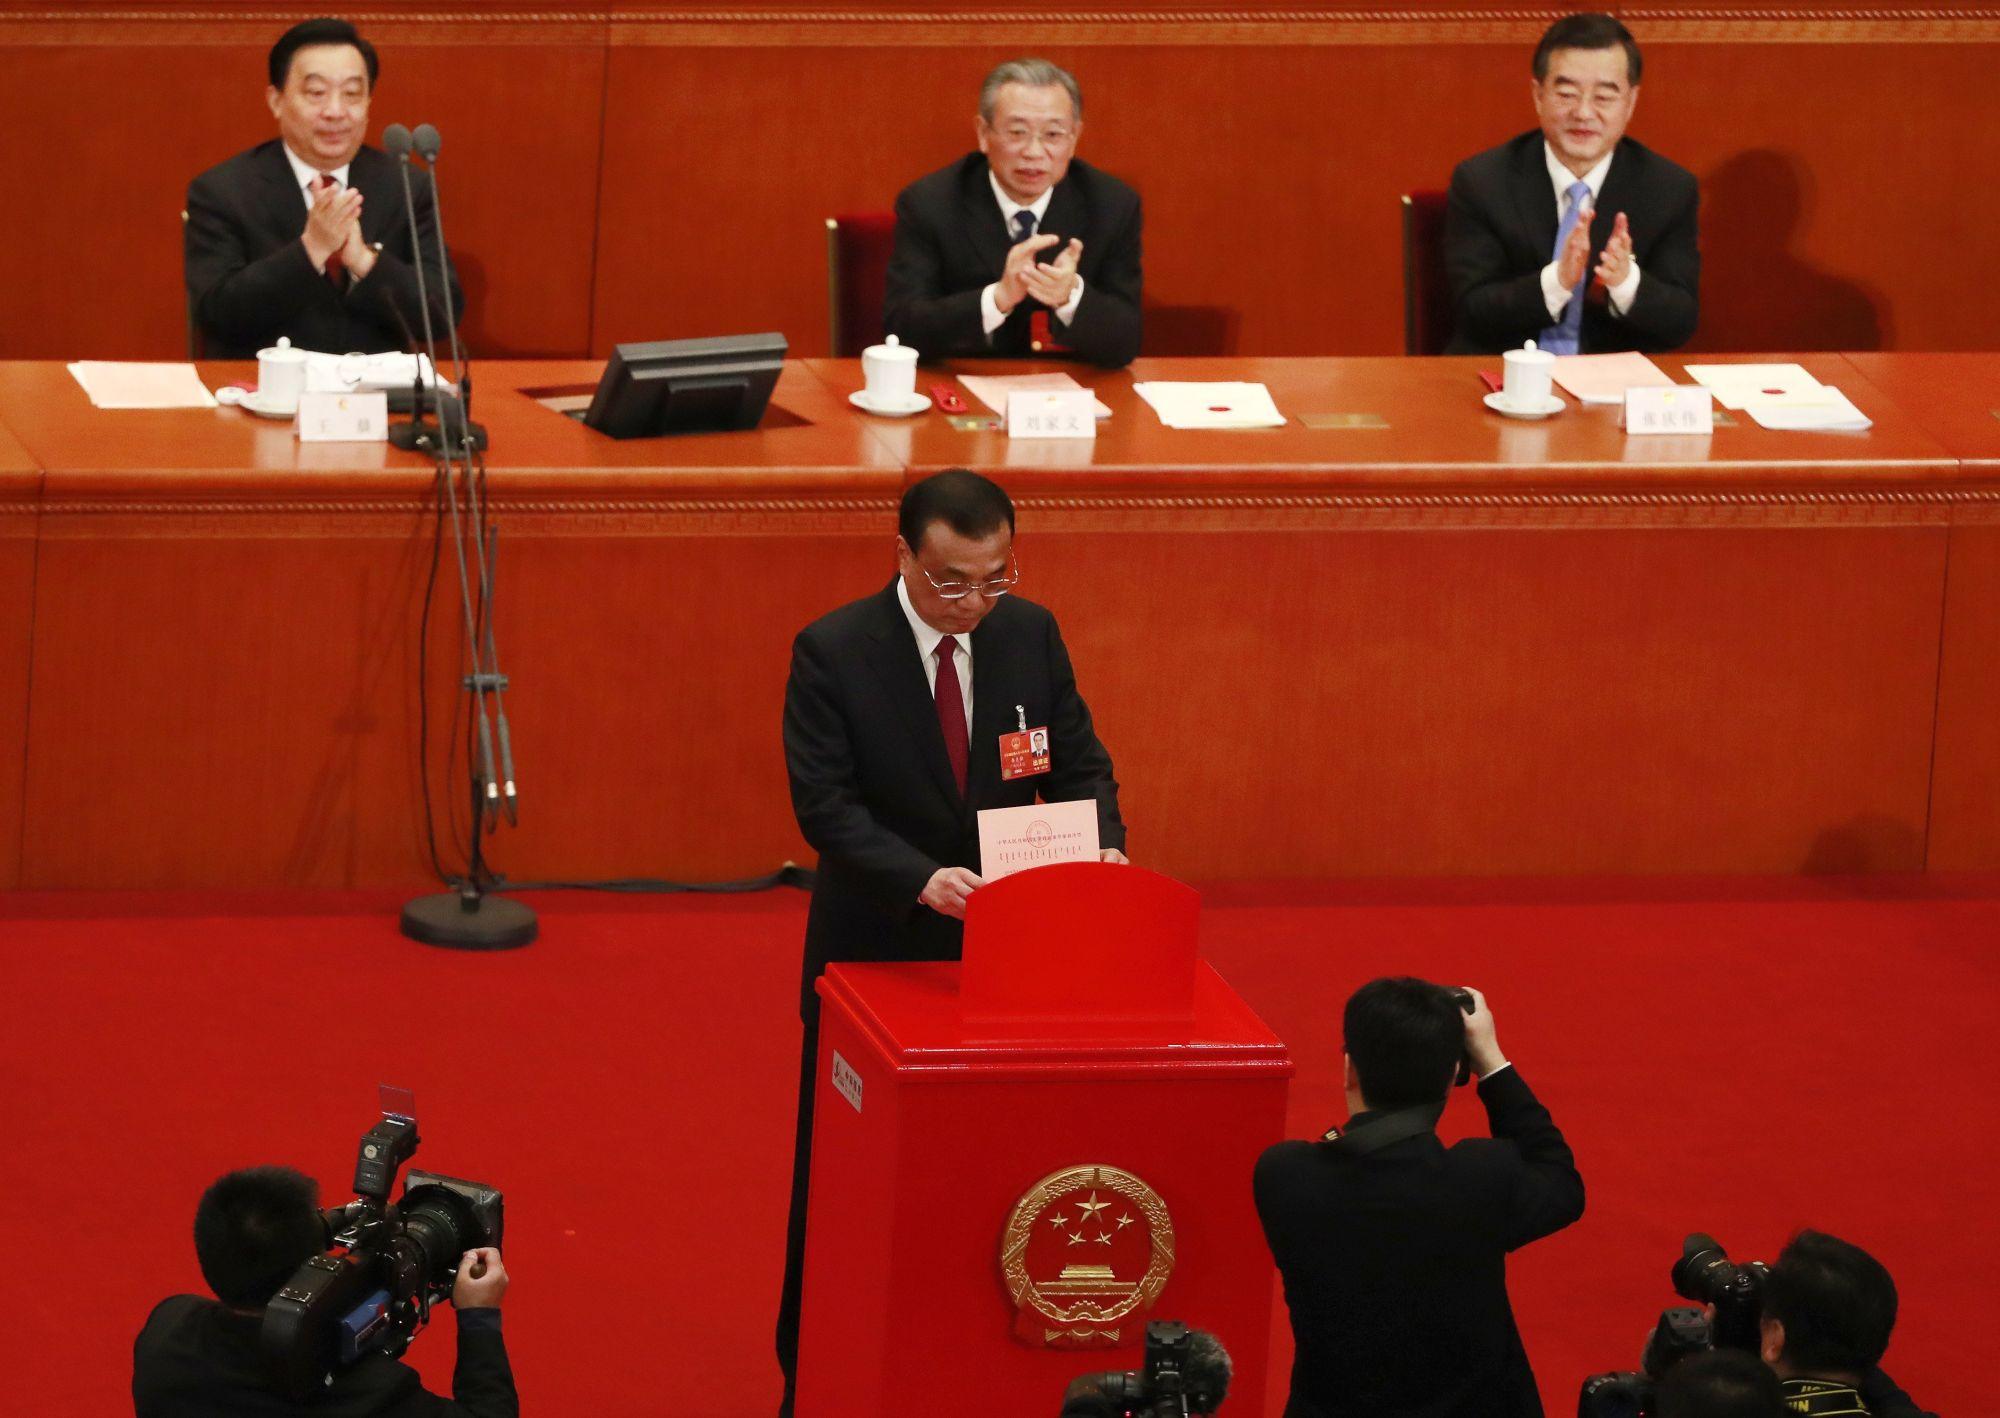 Li Ko-csiang miniszterelnök szavaz az Országos Népi Gyűlés, azaz a kínai parlament évenkénti ülésszakának ülésén a pekingi Nagy Népi Csarnokban 2018. március 11-én. A képviselők elfogadták az alkotmánymódosítást, amellyel eltörlik az államfő hivatali idejére vonatkozó korlátozást. (MTI/EPA/Hou Hvi Jung)